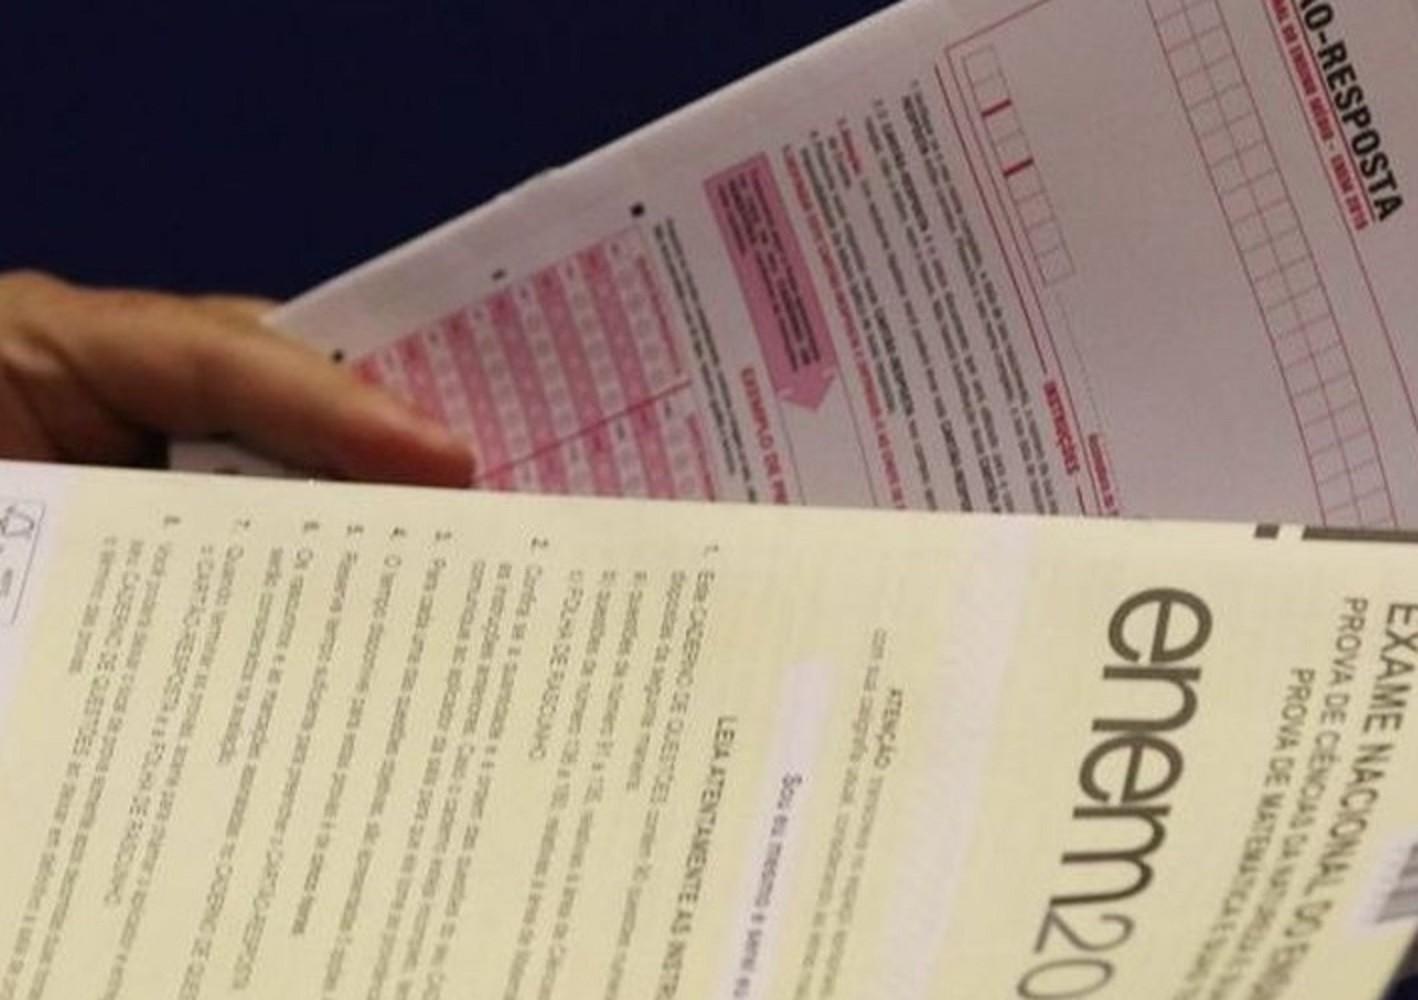 Enem 2021: prazo de inscrição para participantes isentos que faltaram à prova em 2020 termina no domingo